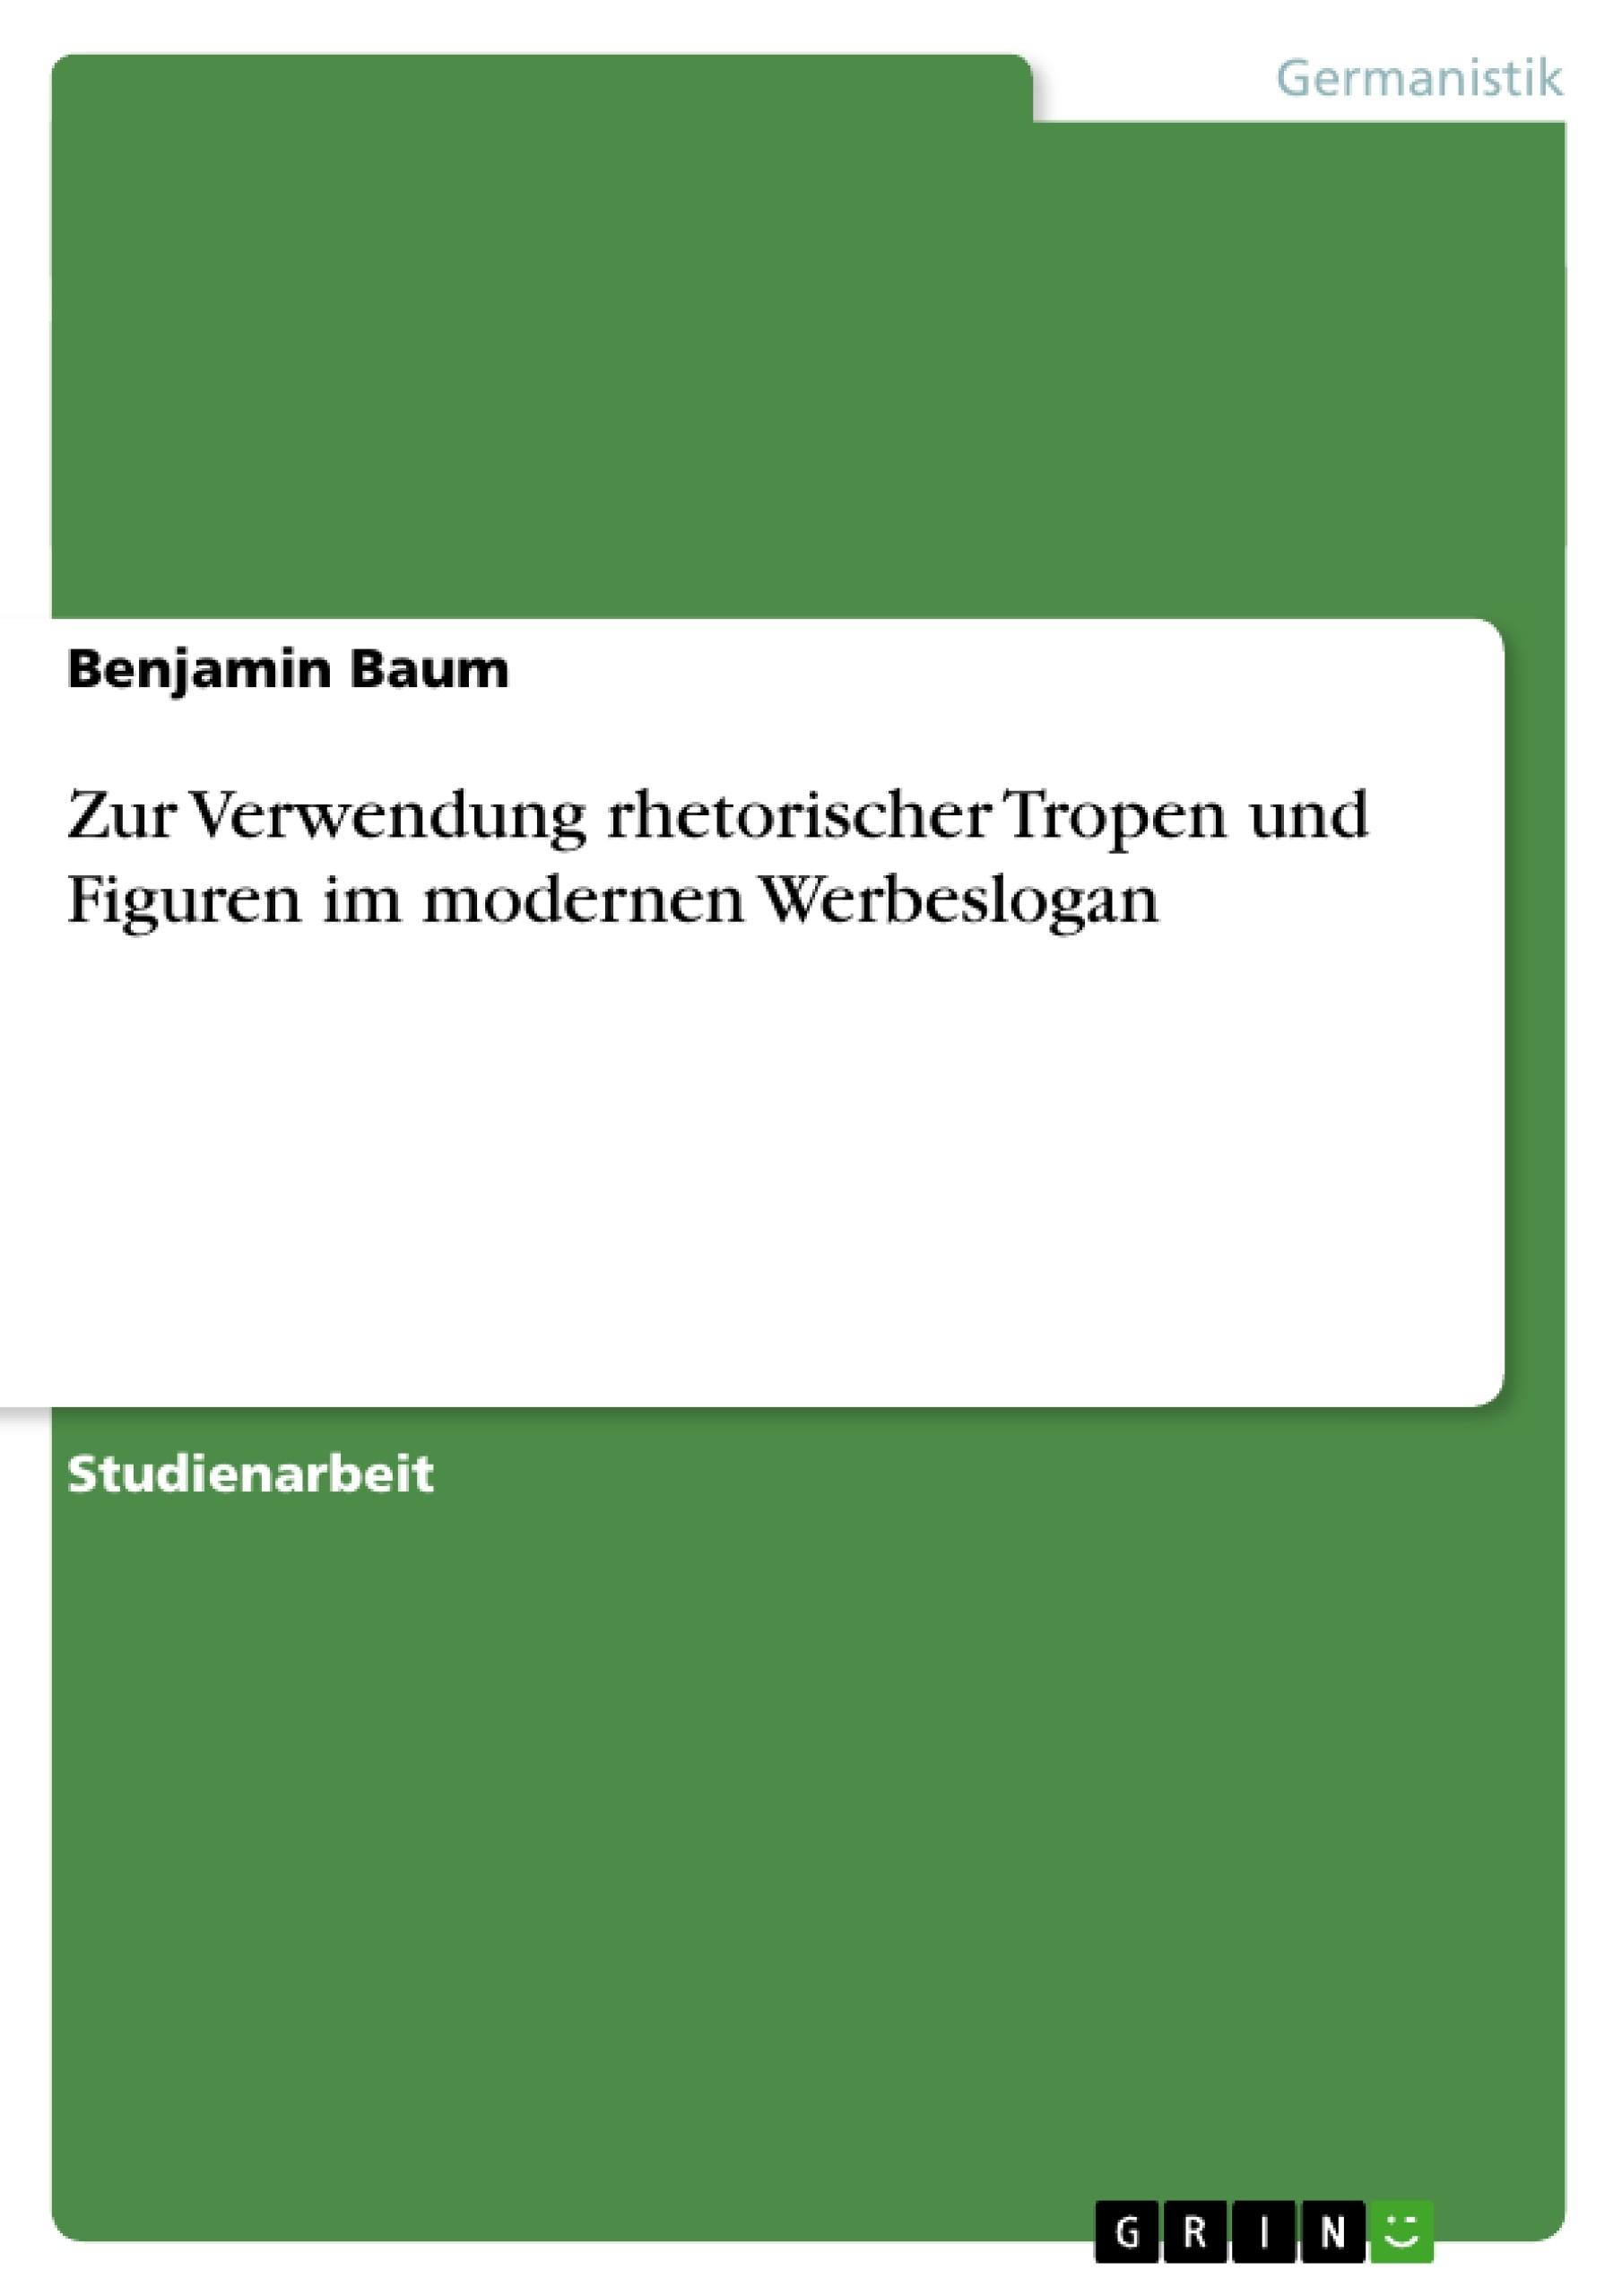 Titel: Zur Verwendung rhetorischer Tropen und Figuren im modernen Werbeslogan